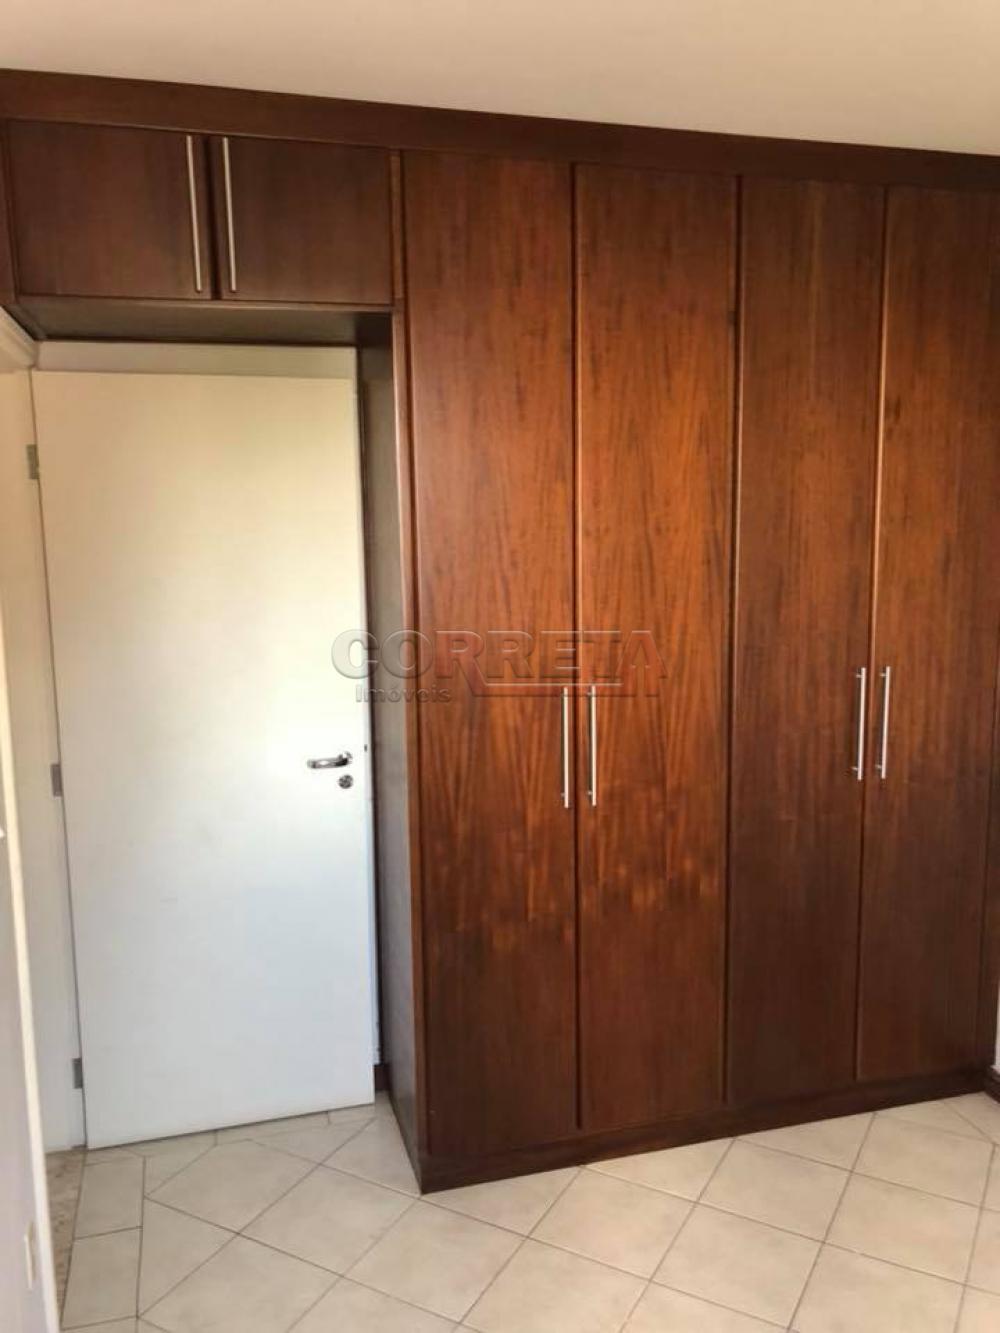 Comprar Apartamento / Padrão em Araçatuba apenas R$ 275.000,00 - Foto 9